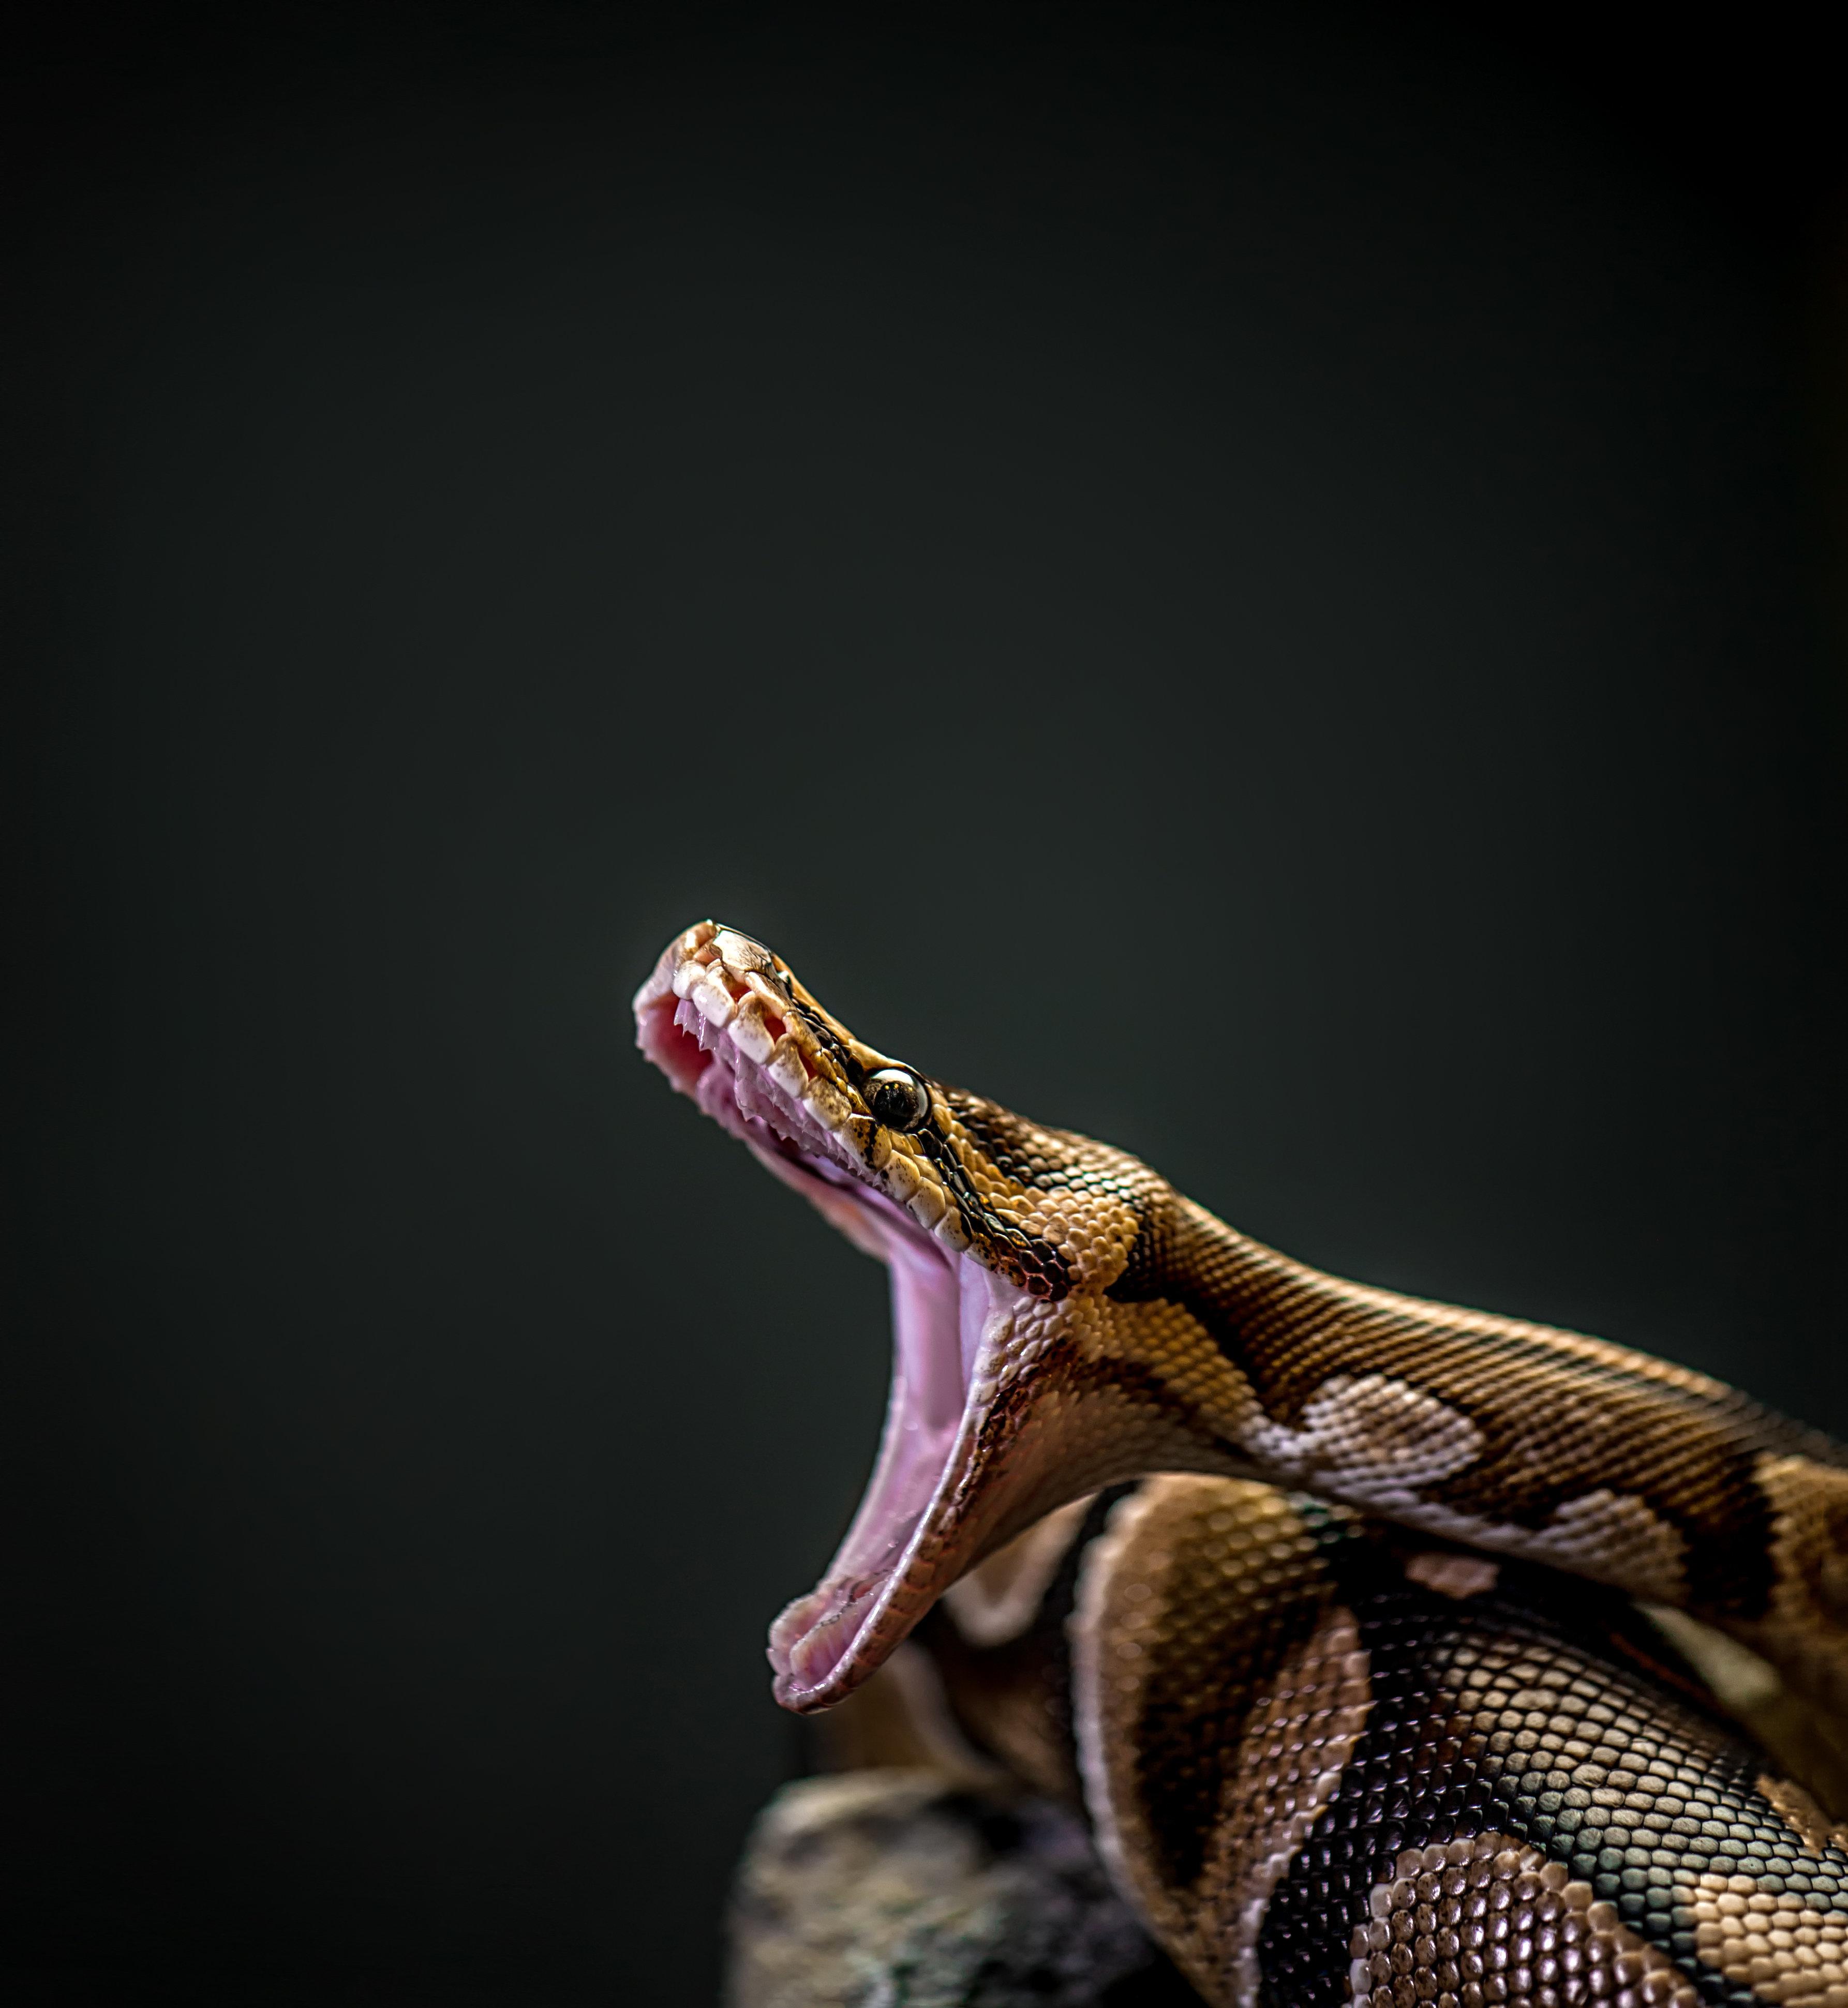 屈強な男4人で持ち上げ…巨大すぎるニシキヘビ、アメリカで見つかる【画像あり】